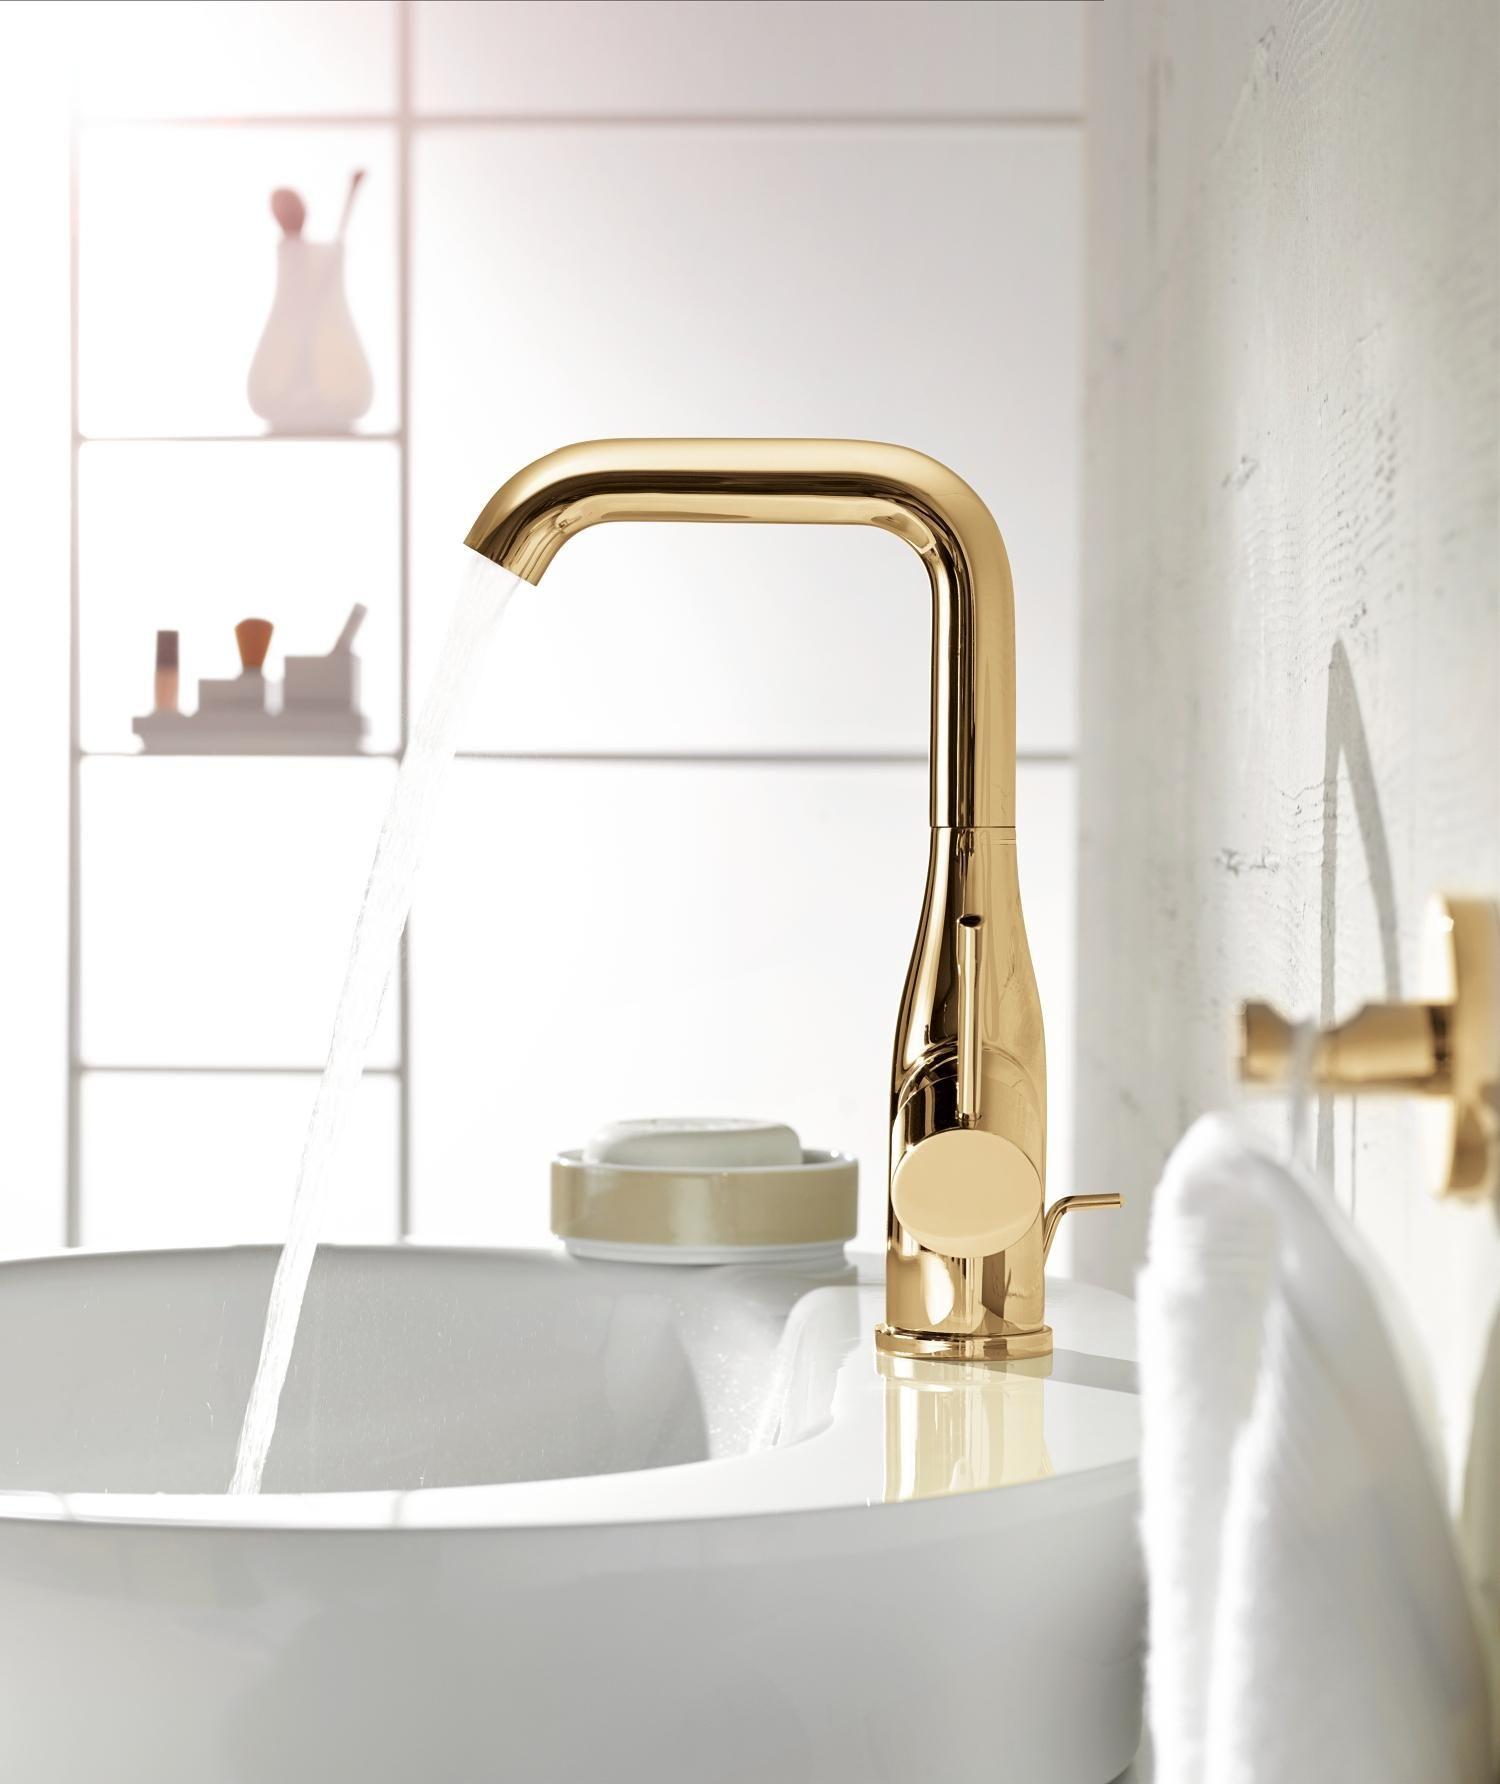 Badkamer Mengkraan Grohe.Grohe Essence Kraan Voor De Wastafel Voor Een Klassieke Badkamer De